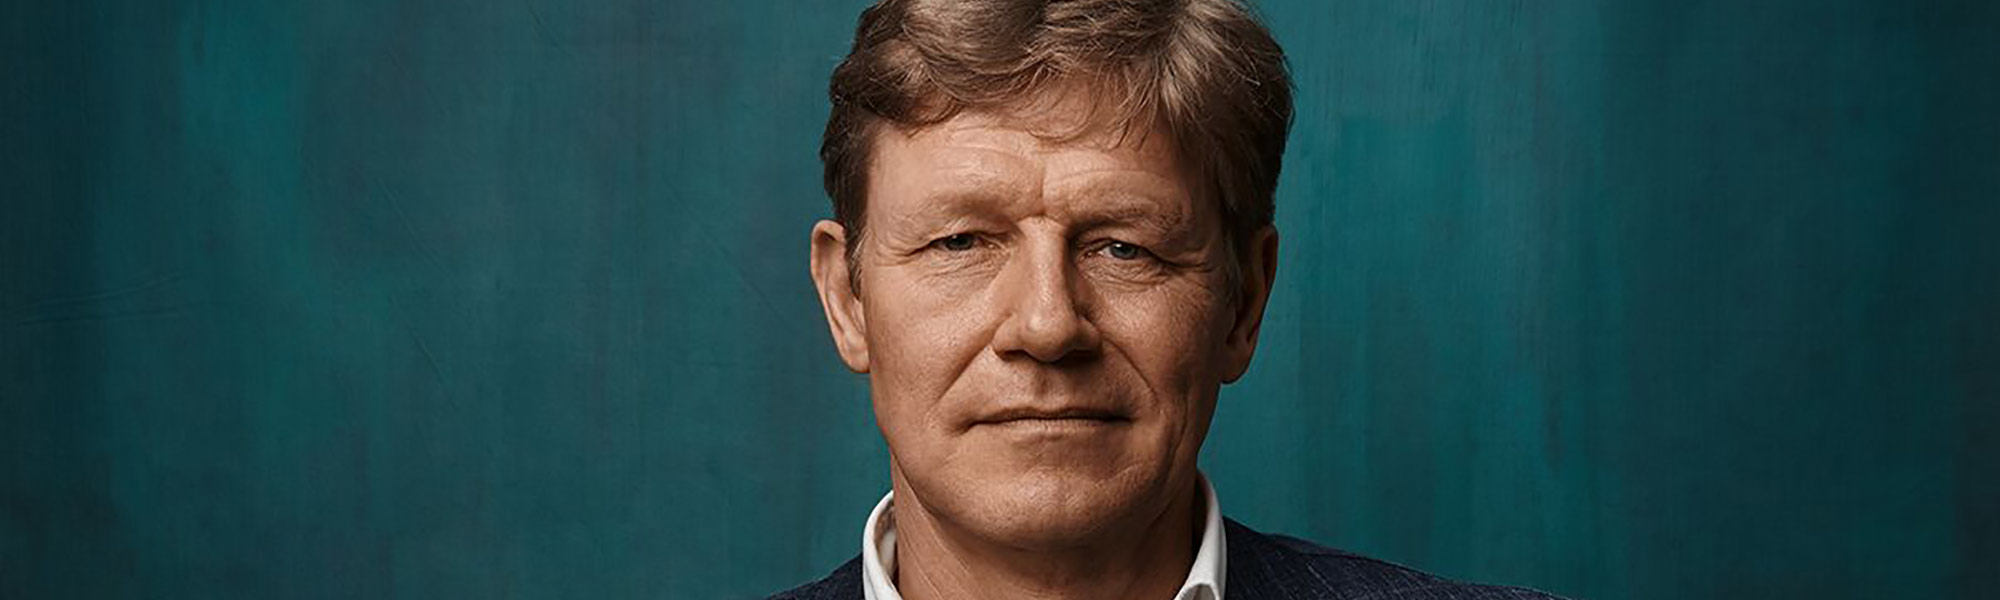 Gisbert Bultmann — Rechtsanwalt und Notar